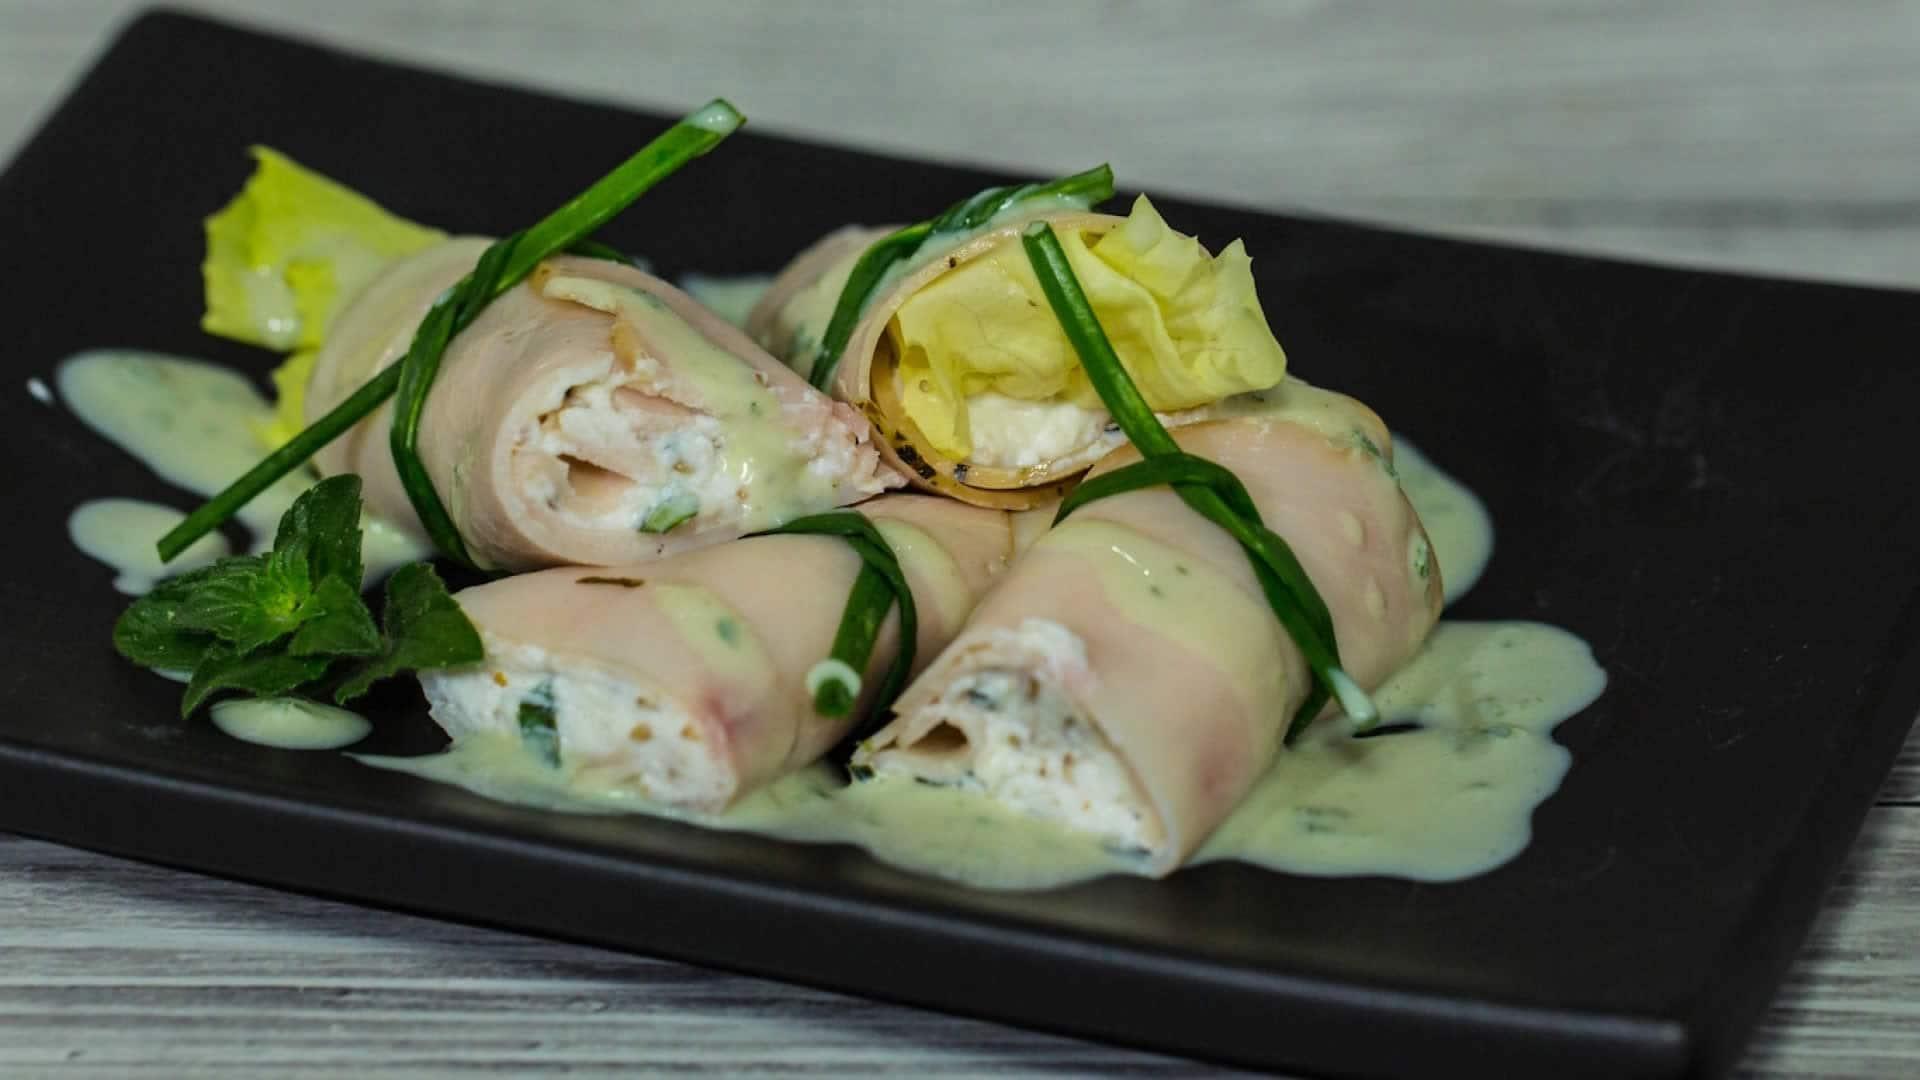 Cucina sana: involtini di tacchino e ricotta -VIDEO-